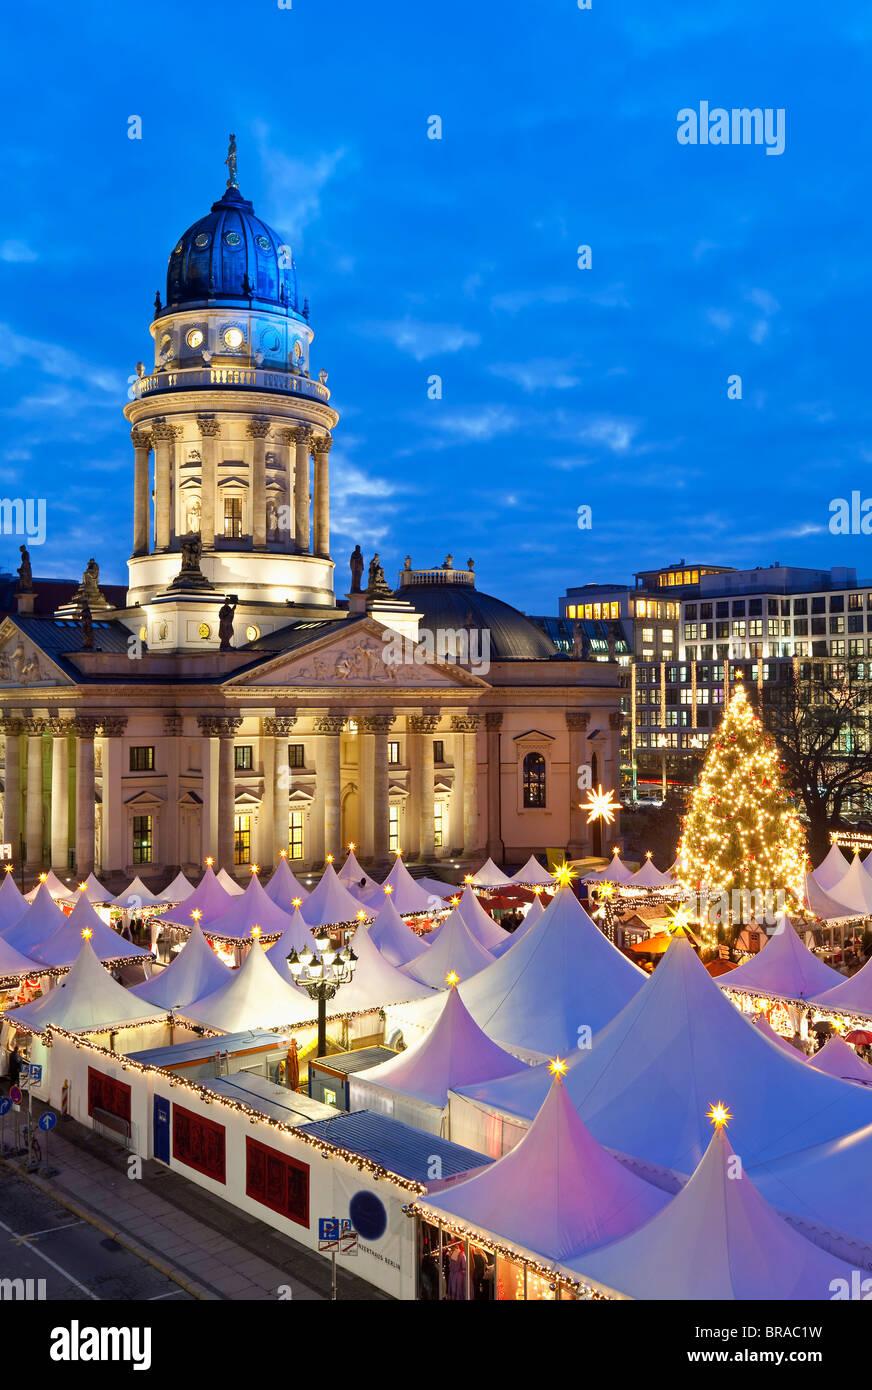 Marché de Noel au Gendarmenmarkt, allumé à la tombée de la nuit, Berlin, Germany, Europe Photo Stock